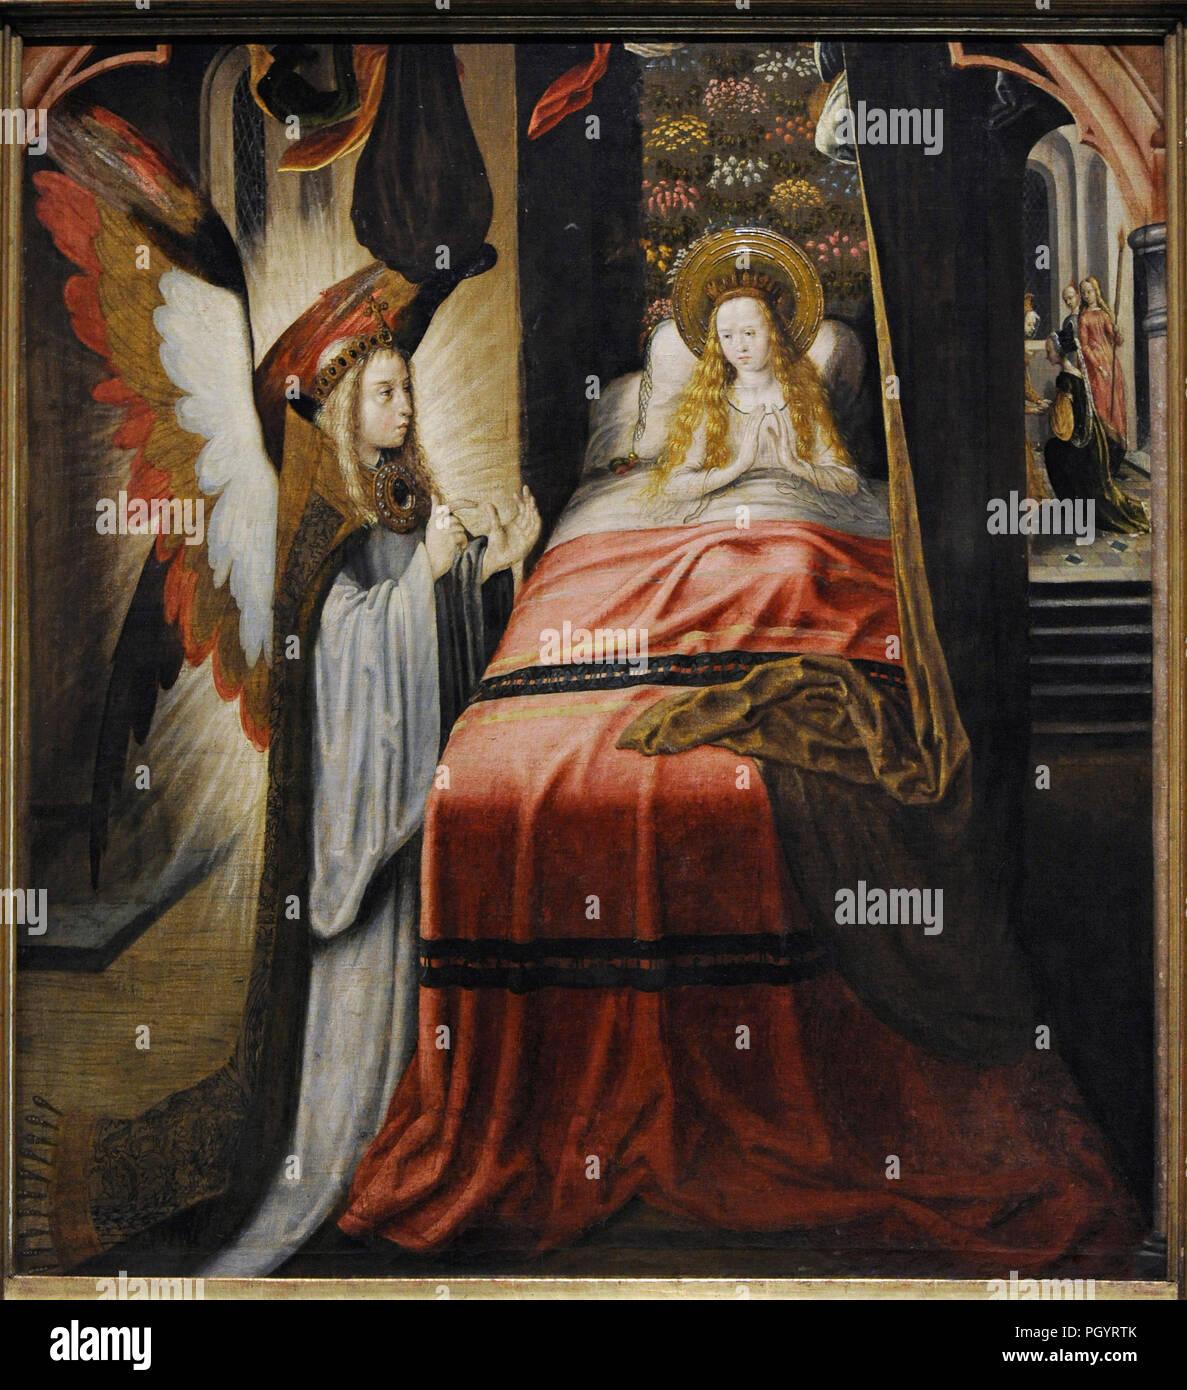 Maestro de la leyenda de Santa Ursula y taller (activo en Colonia, ca.1480/1490-ca.1510/1515). Aparición del ángel, ca.1492-1496. Museo Wallraf-Richart. Colonia. Alemania. Imagen De Stock